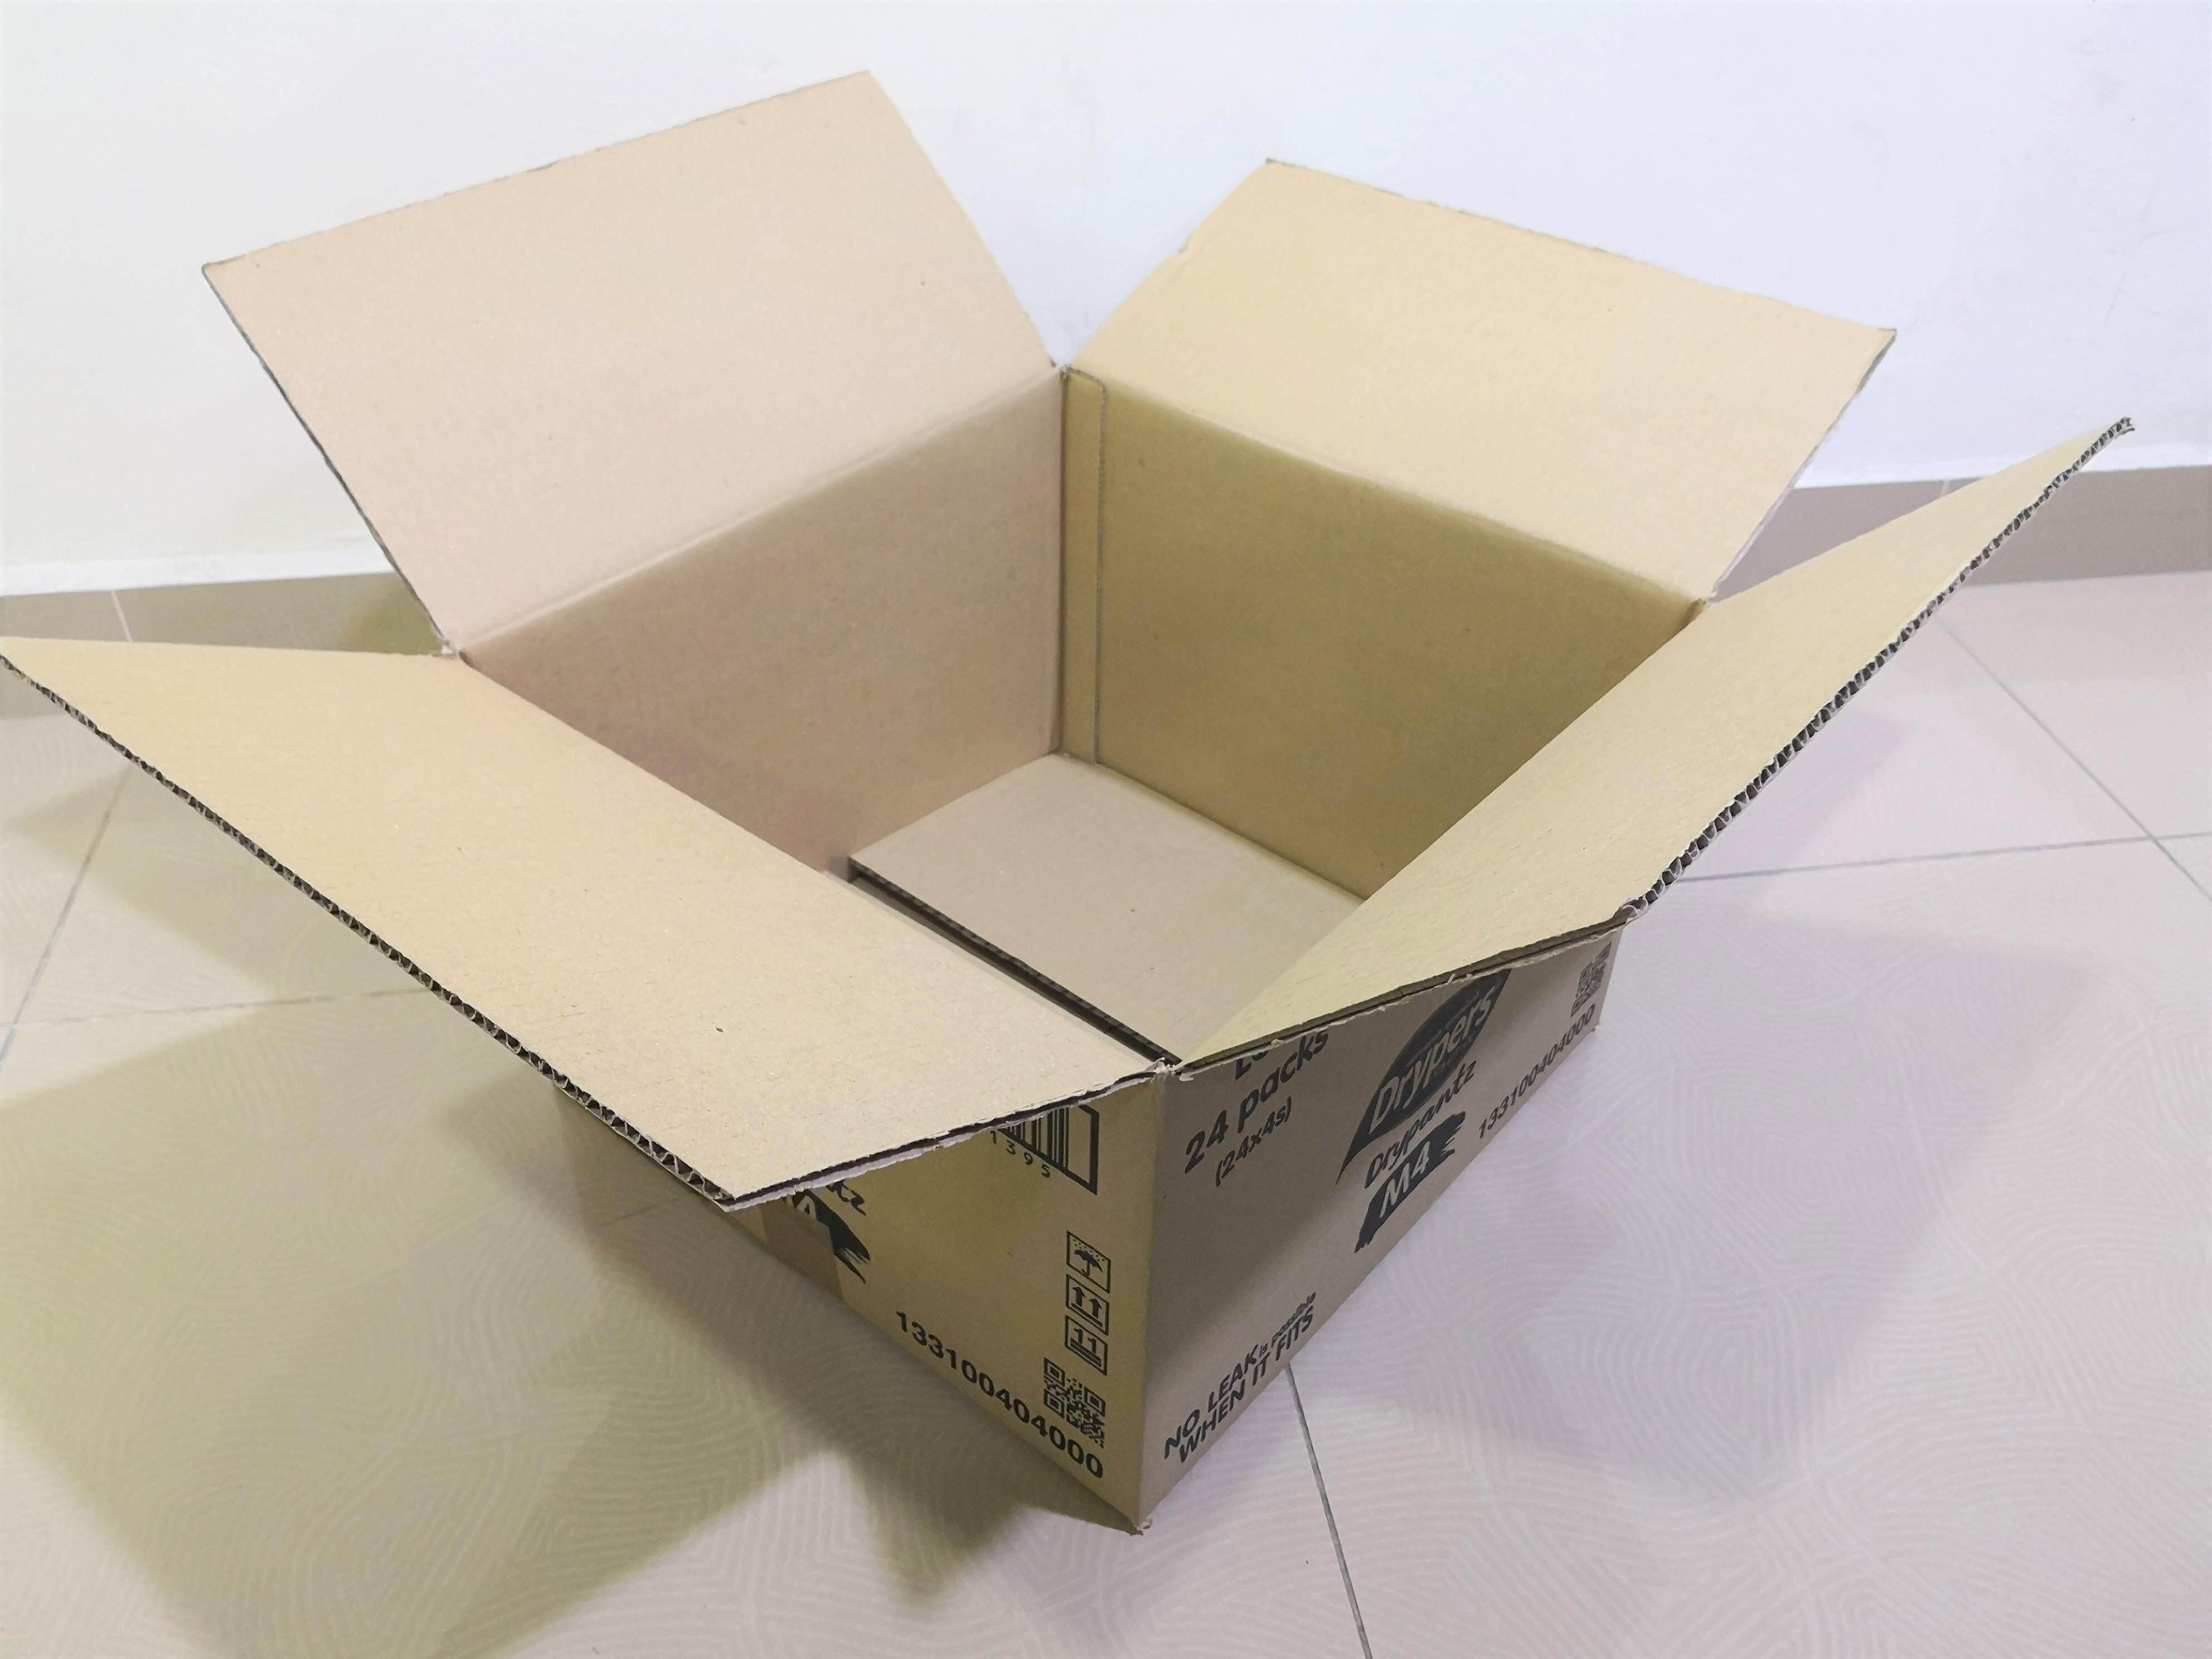 9pcs Printed Carton Boxes (L381 x W372 x H251mm)